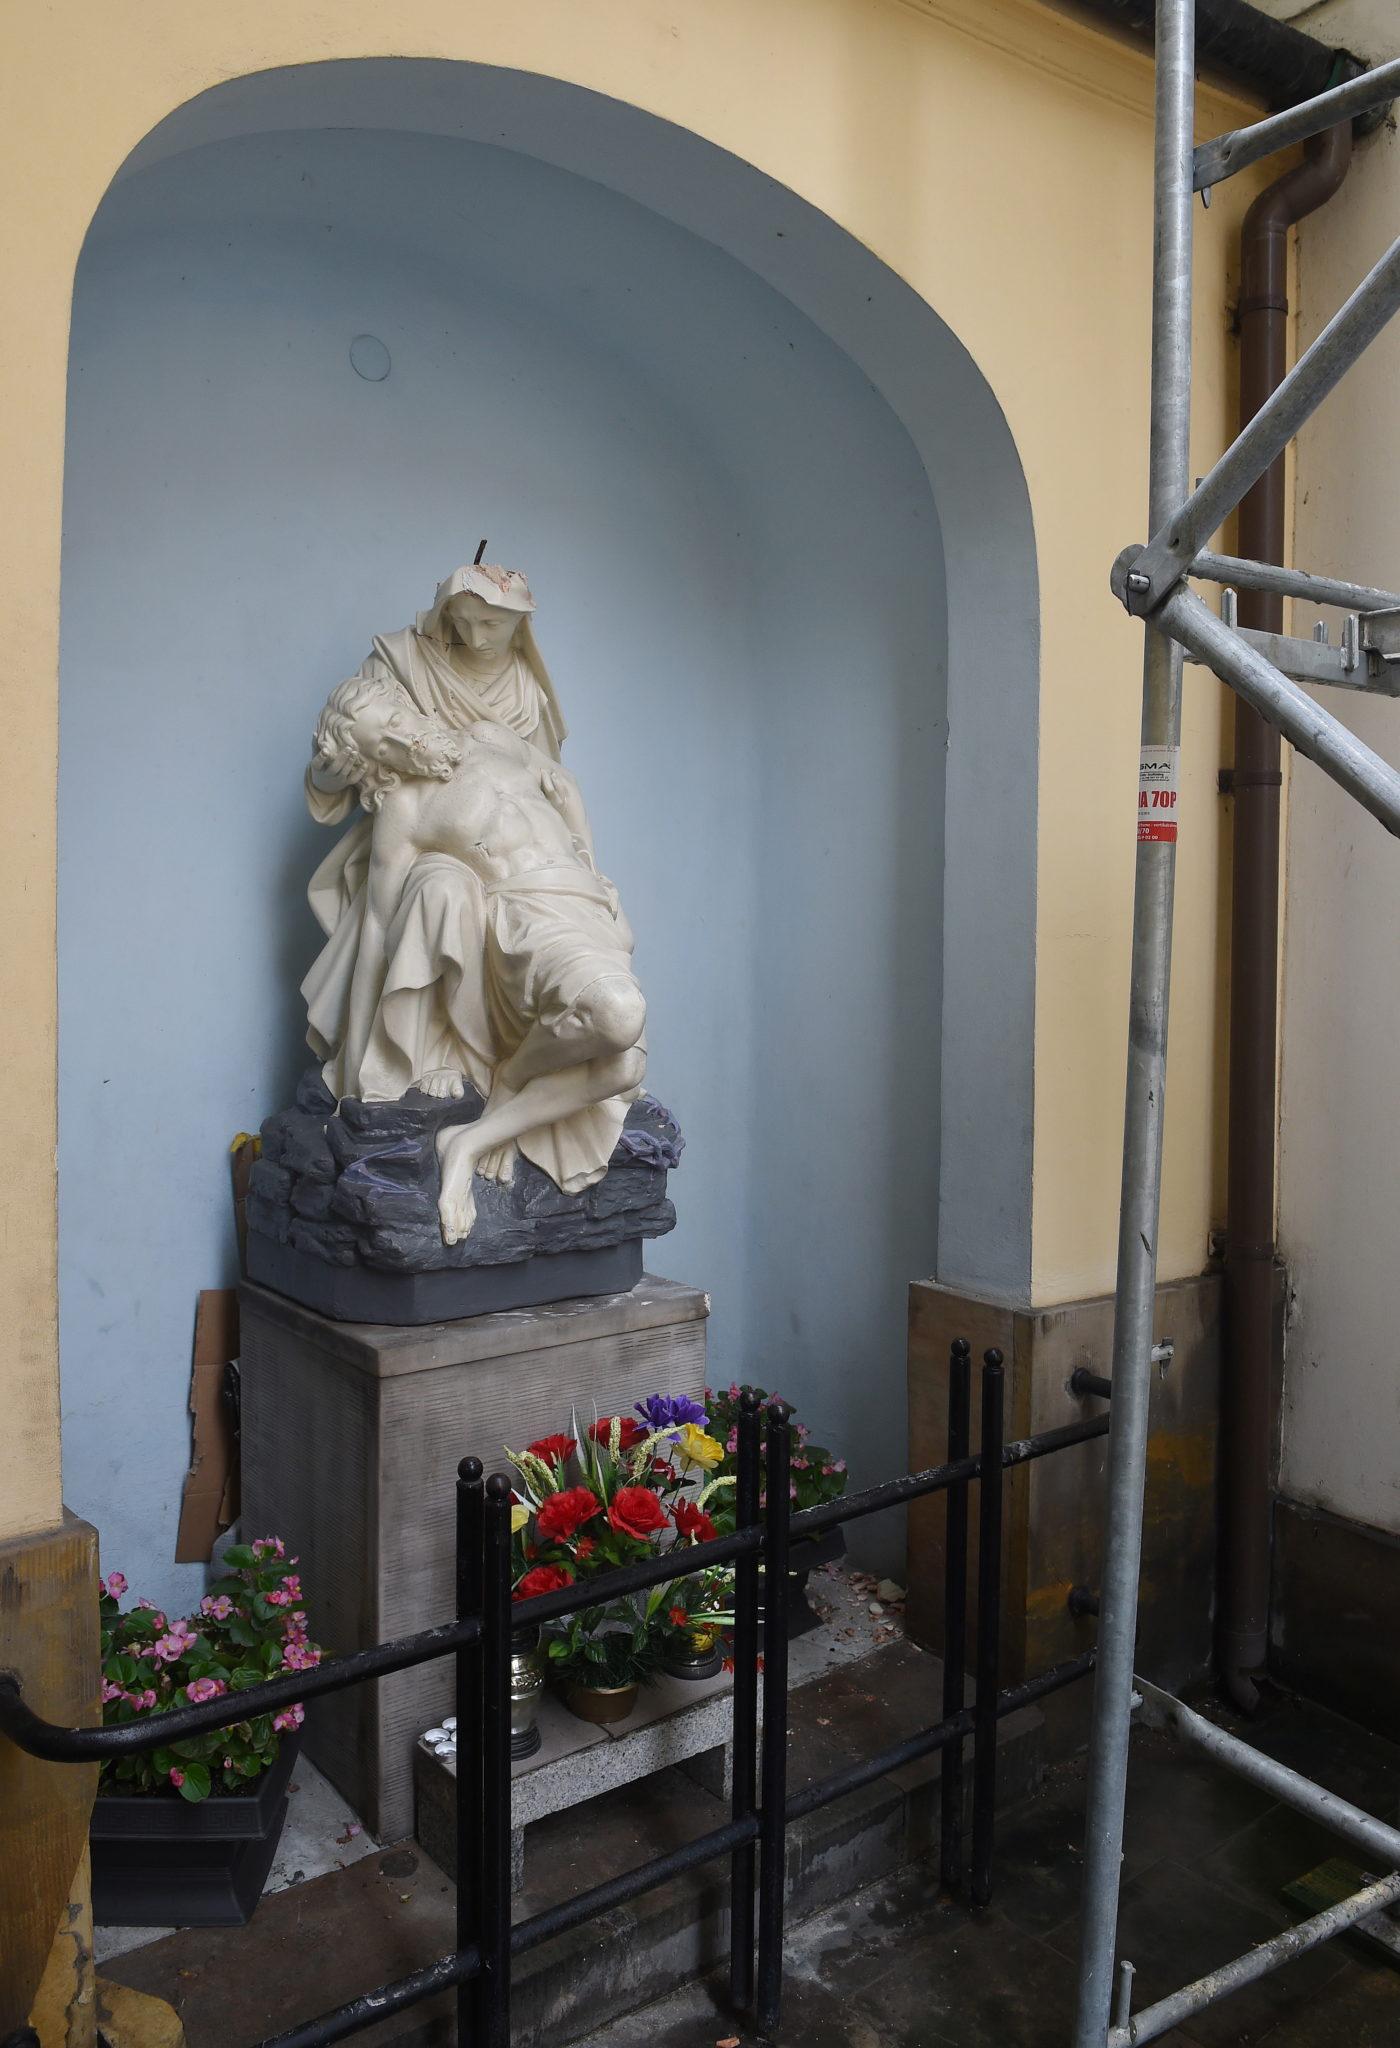 Zniszczona przez wandali Pieta przy kościele ojców kapucynów pw. Przemienienia Pańskiego na ul. Miodowej, fot: PAP/Radek Pietruszka